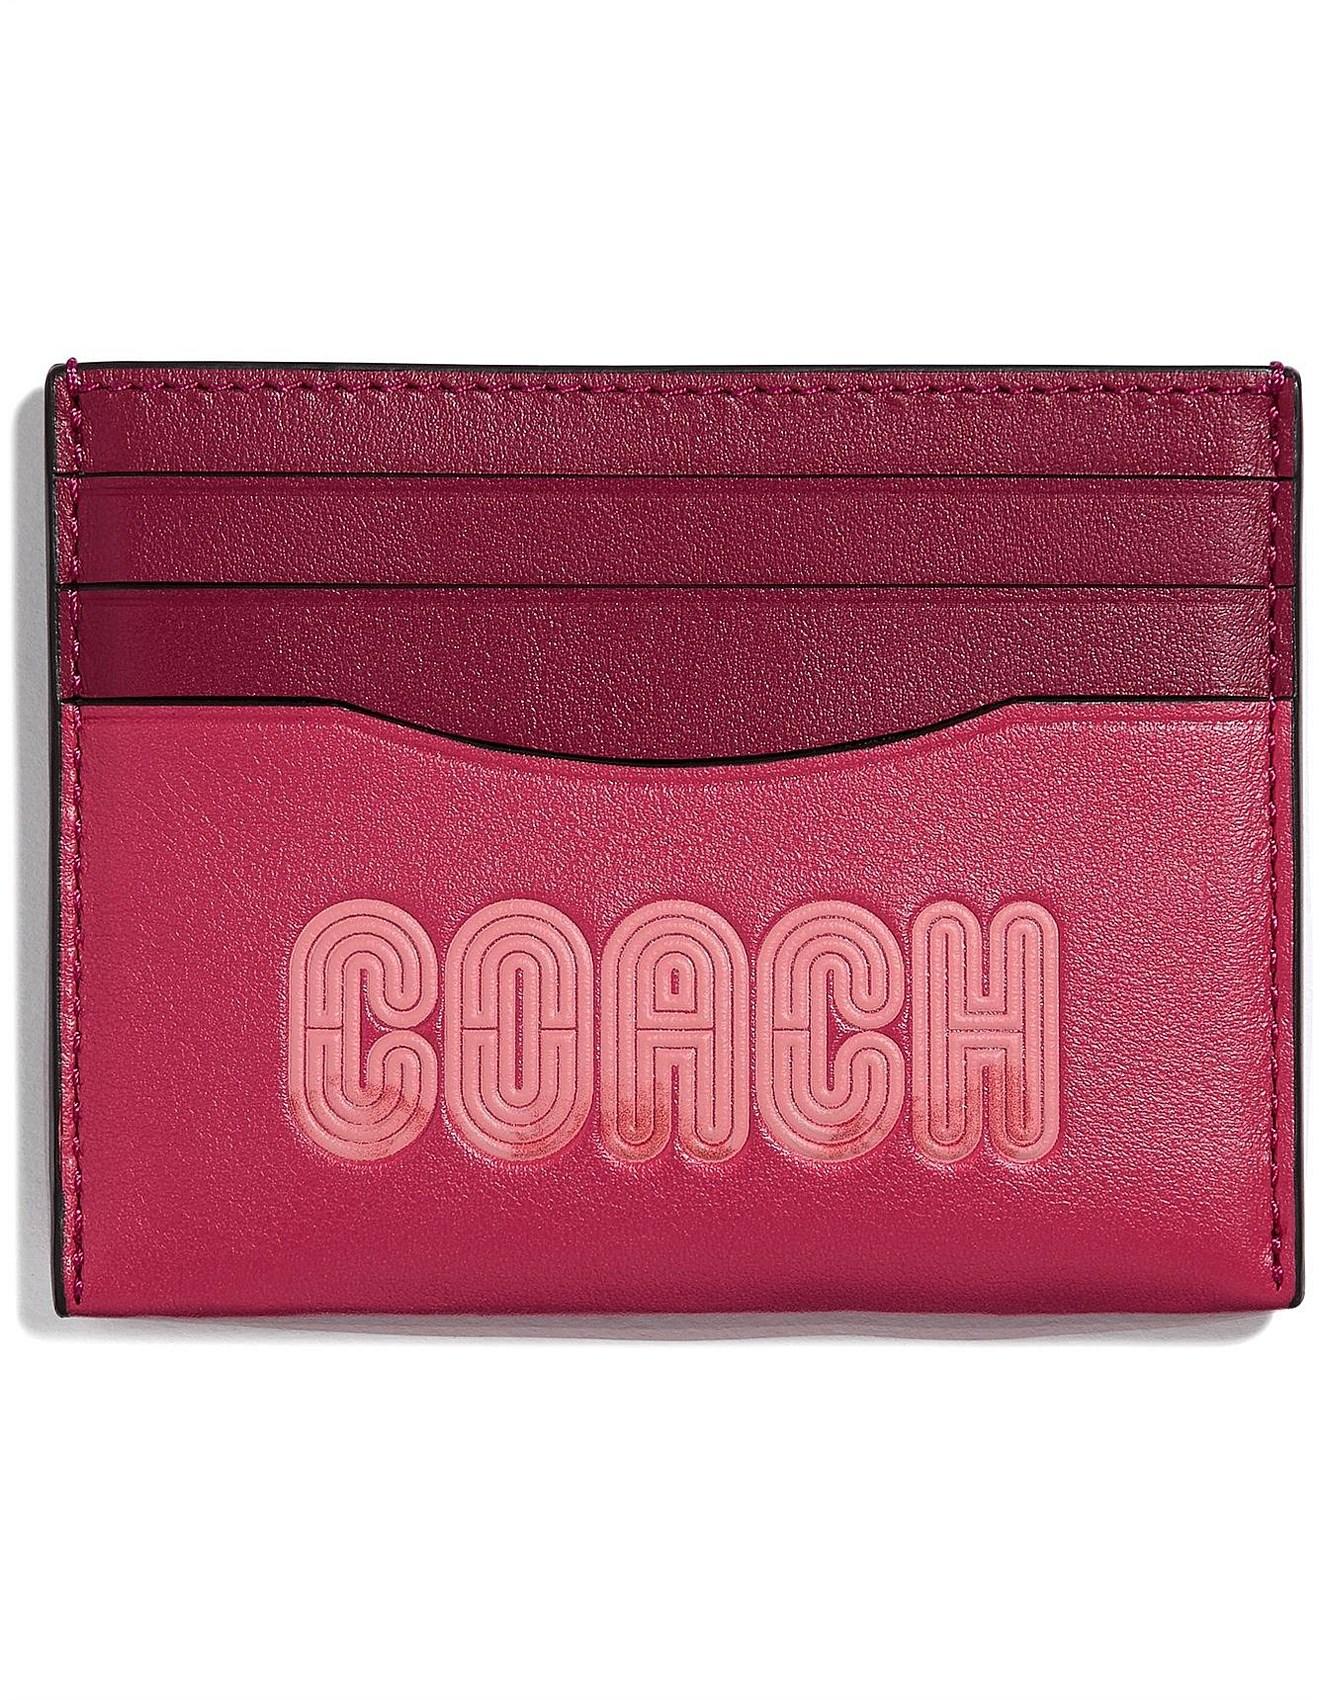 1c4d938b3b Women's Wallets | Wallets & Cardholders Online | David Jones - CARD ...